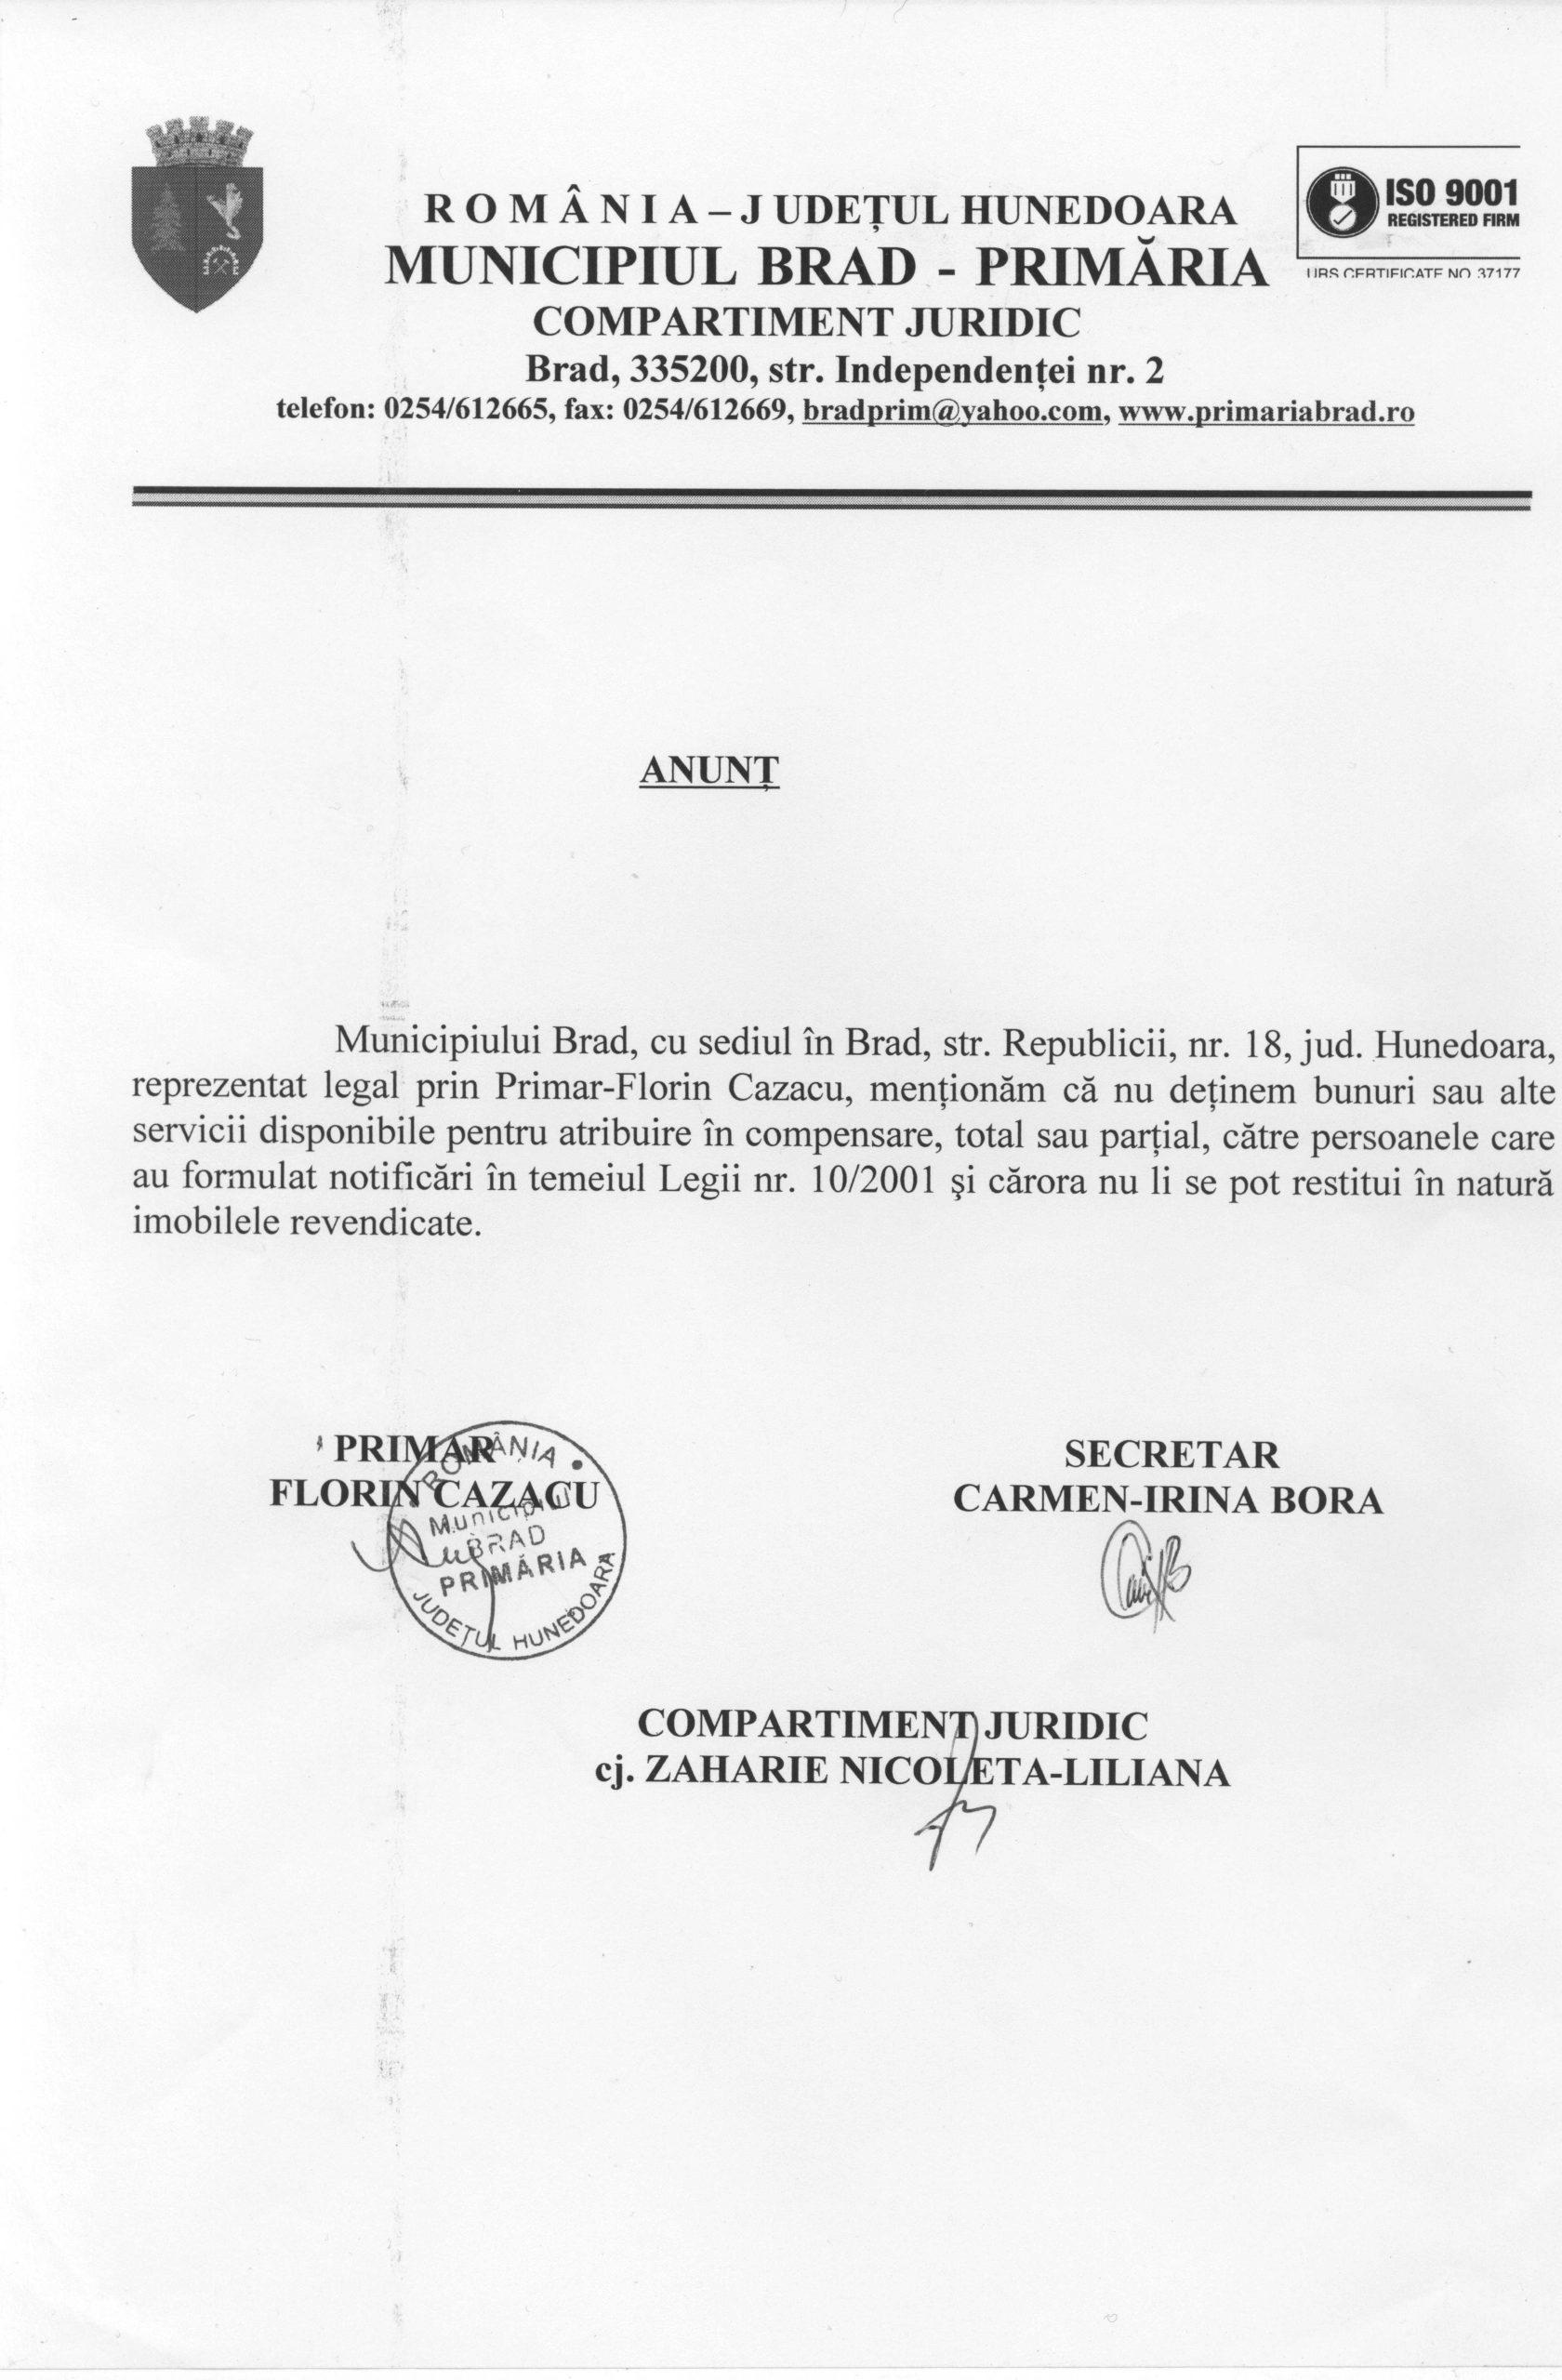 anunt legea 10/2001